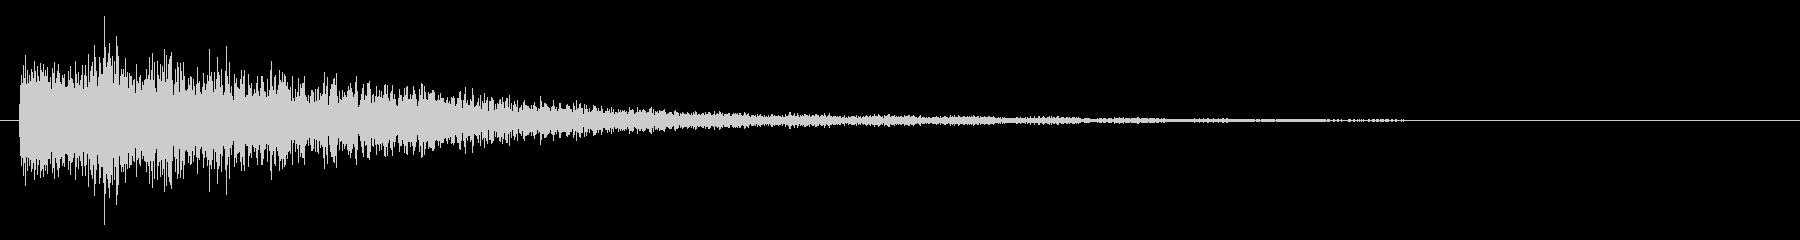 不思議系(ワープ、混乱)の未再生の波形